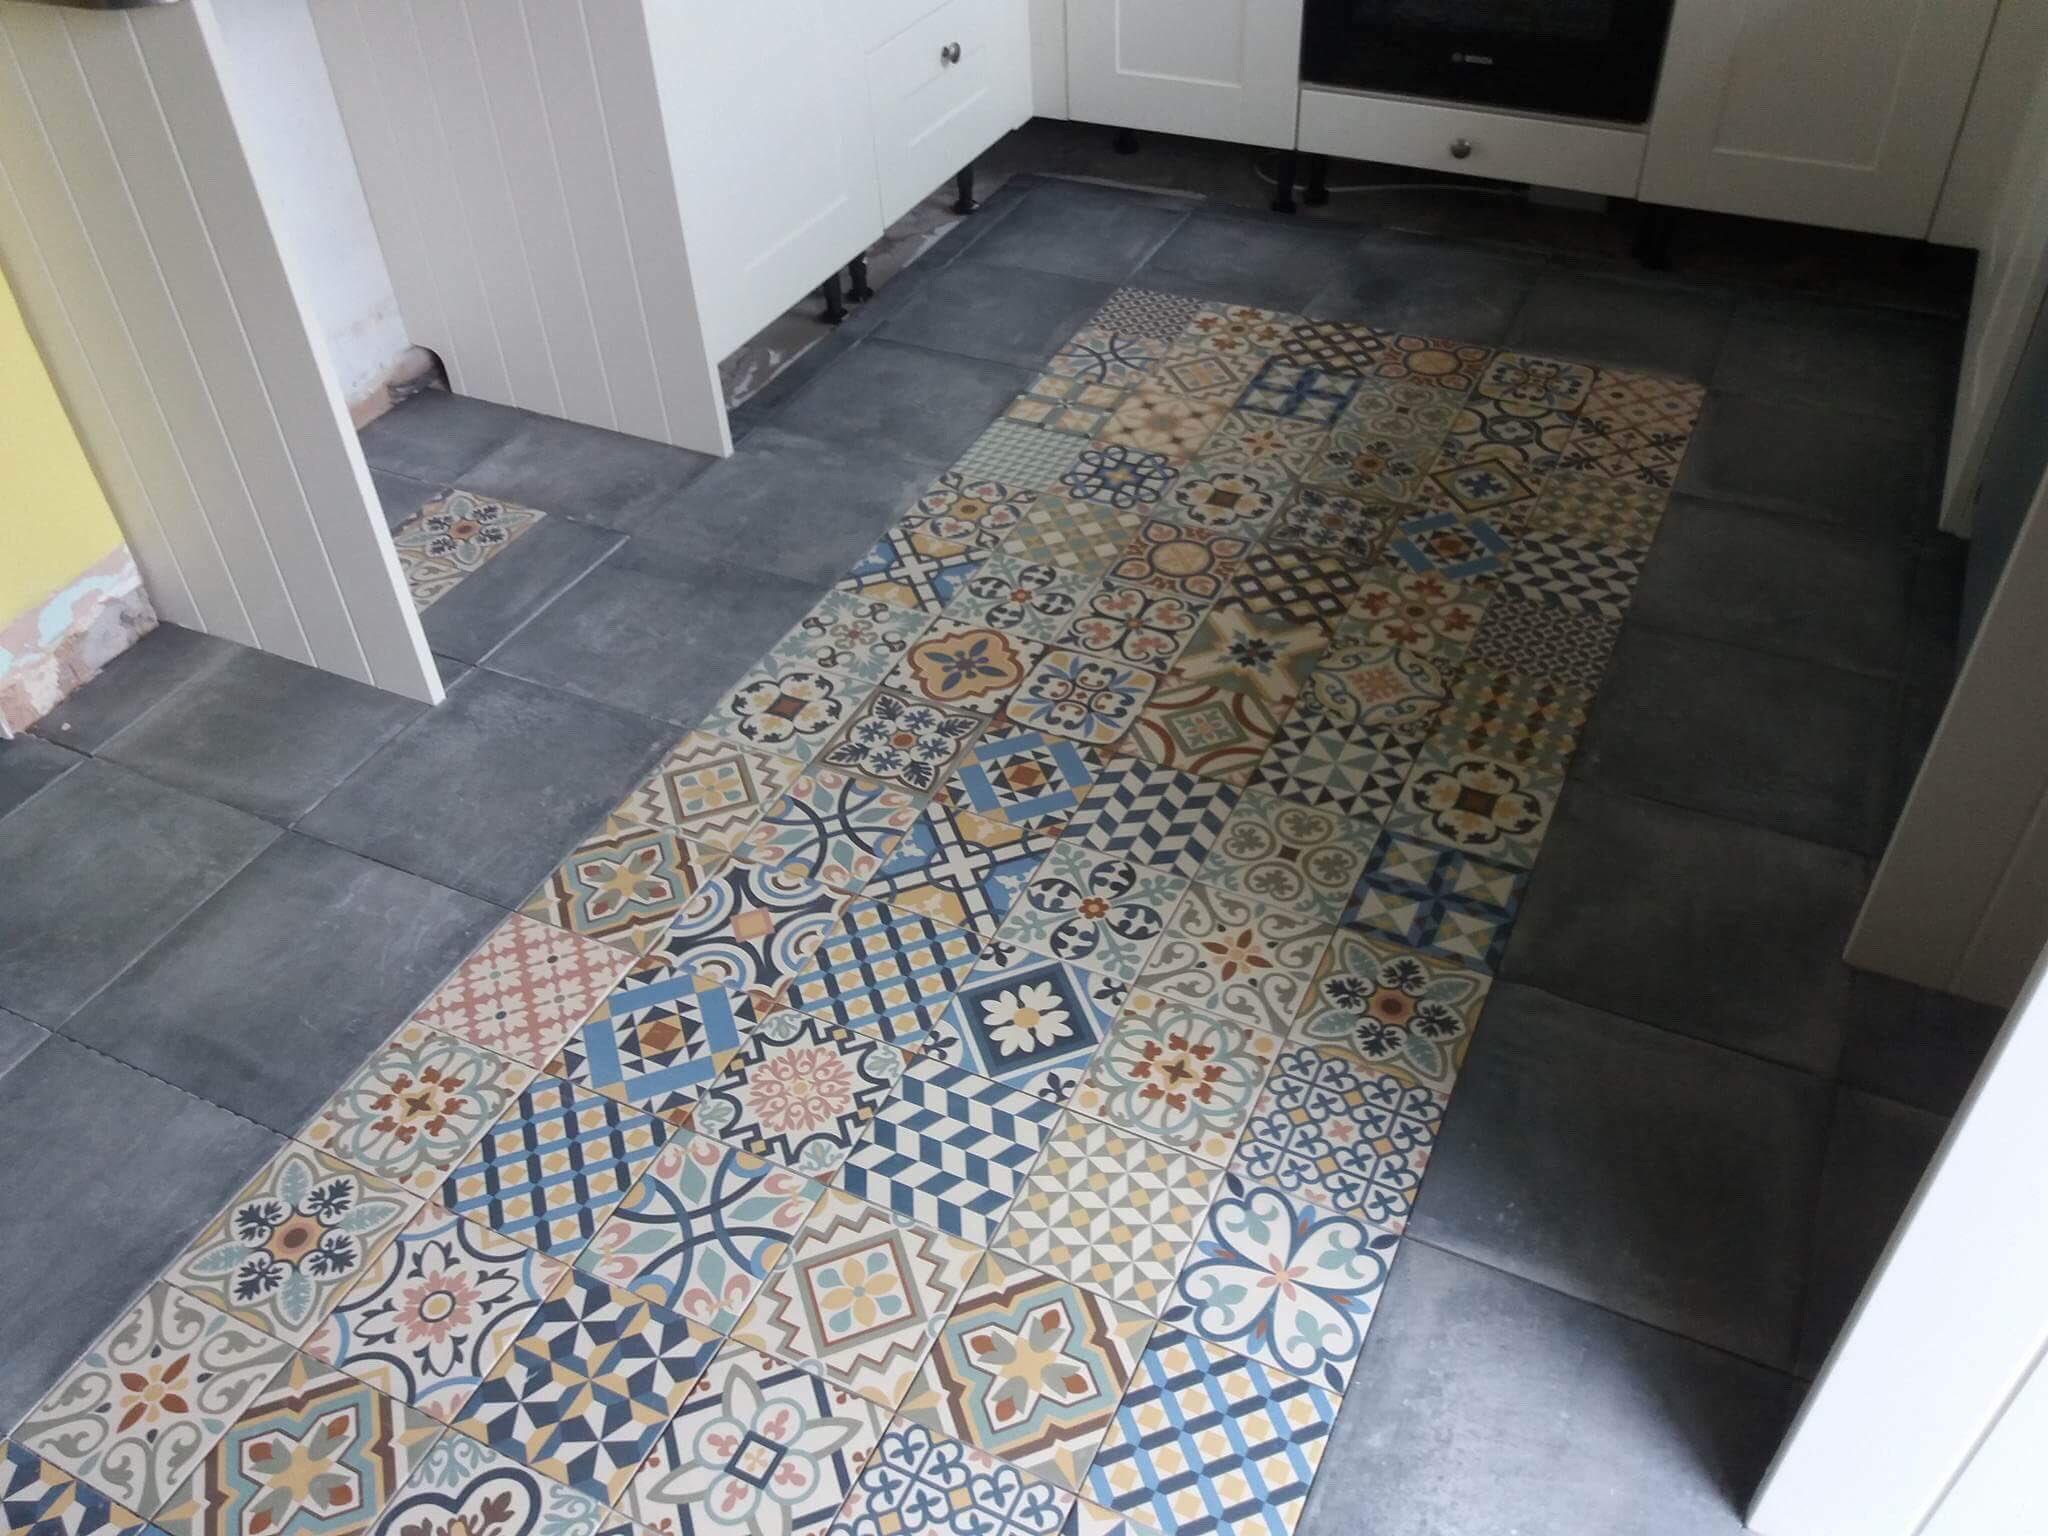 The Tile Room on Twitter